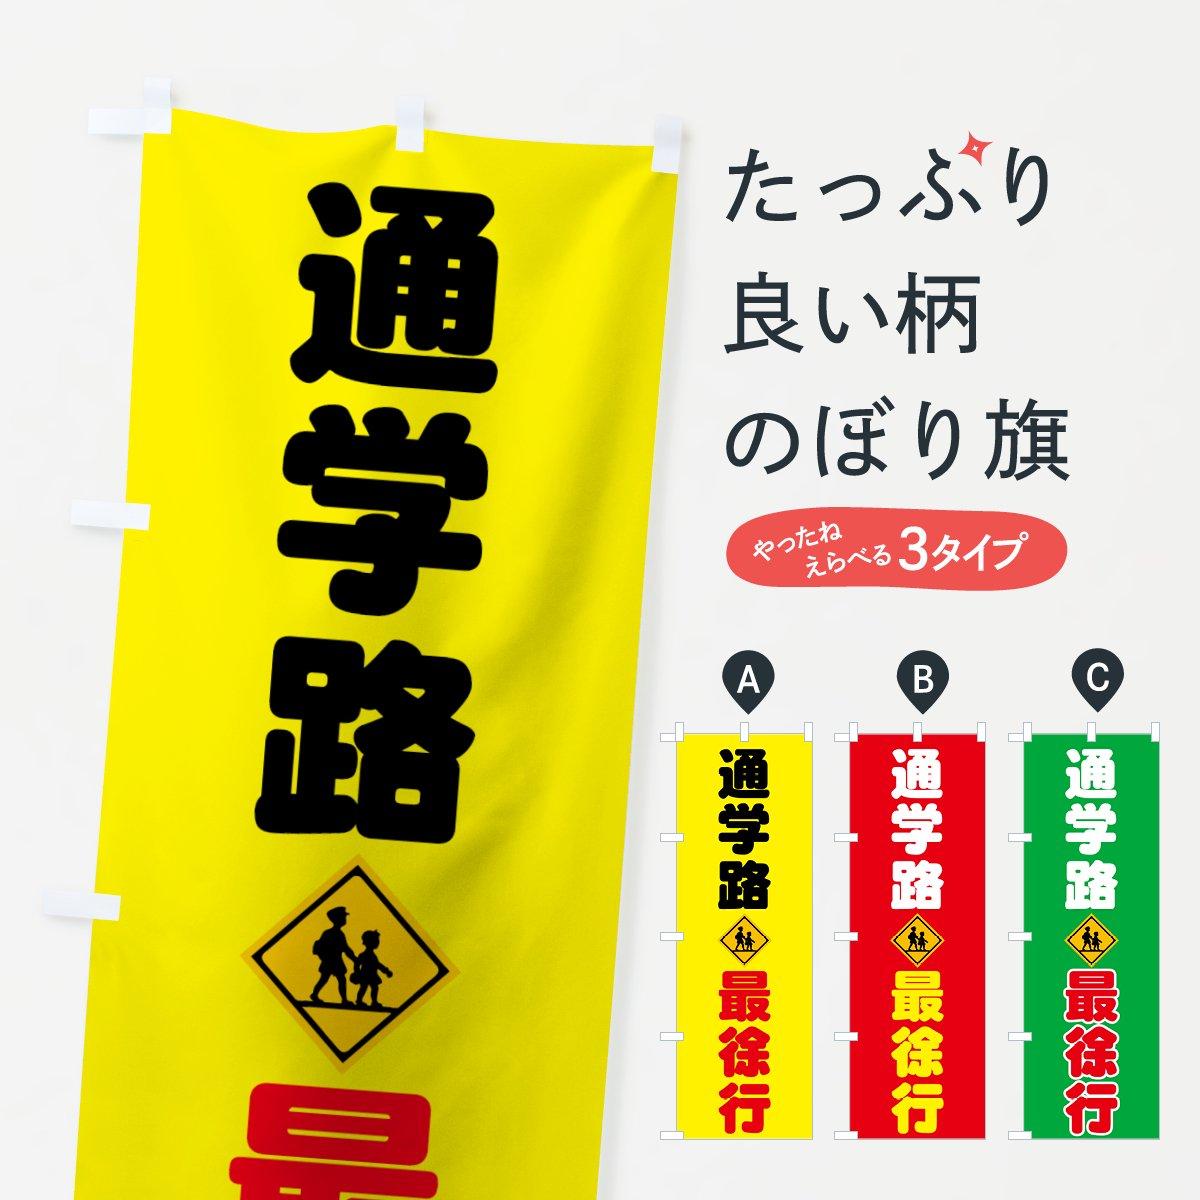 通学路最徐行のぼり旗